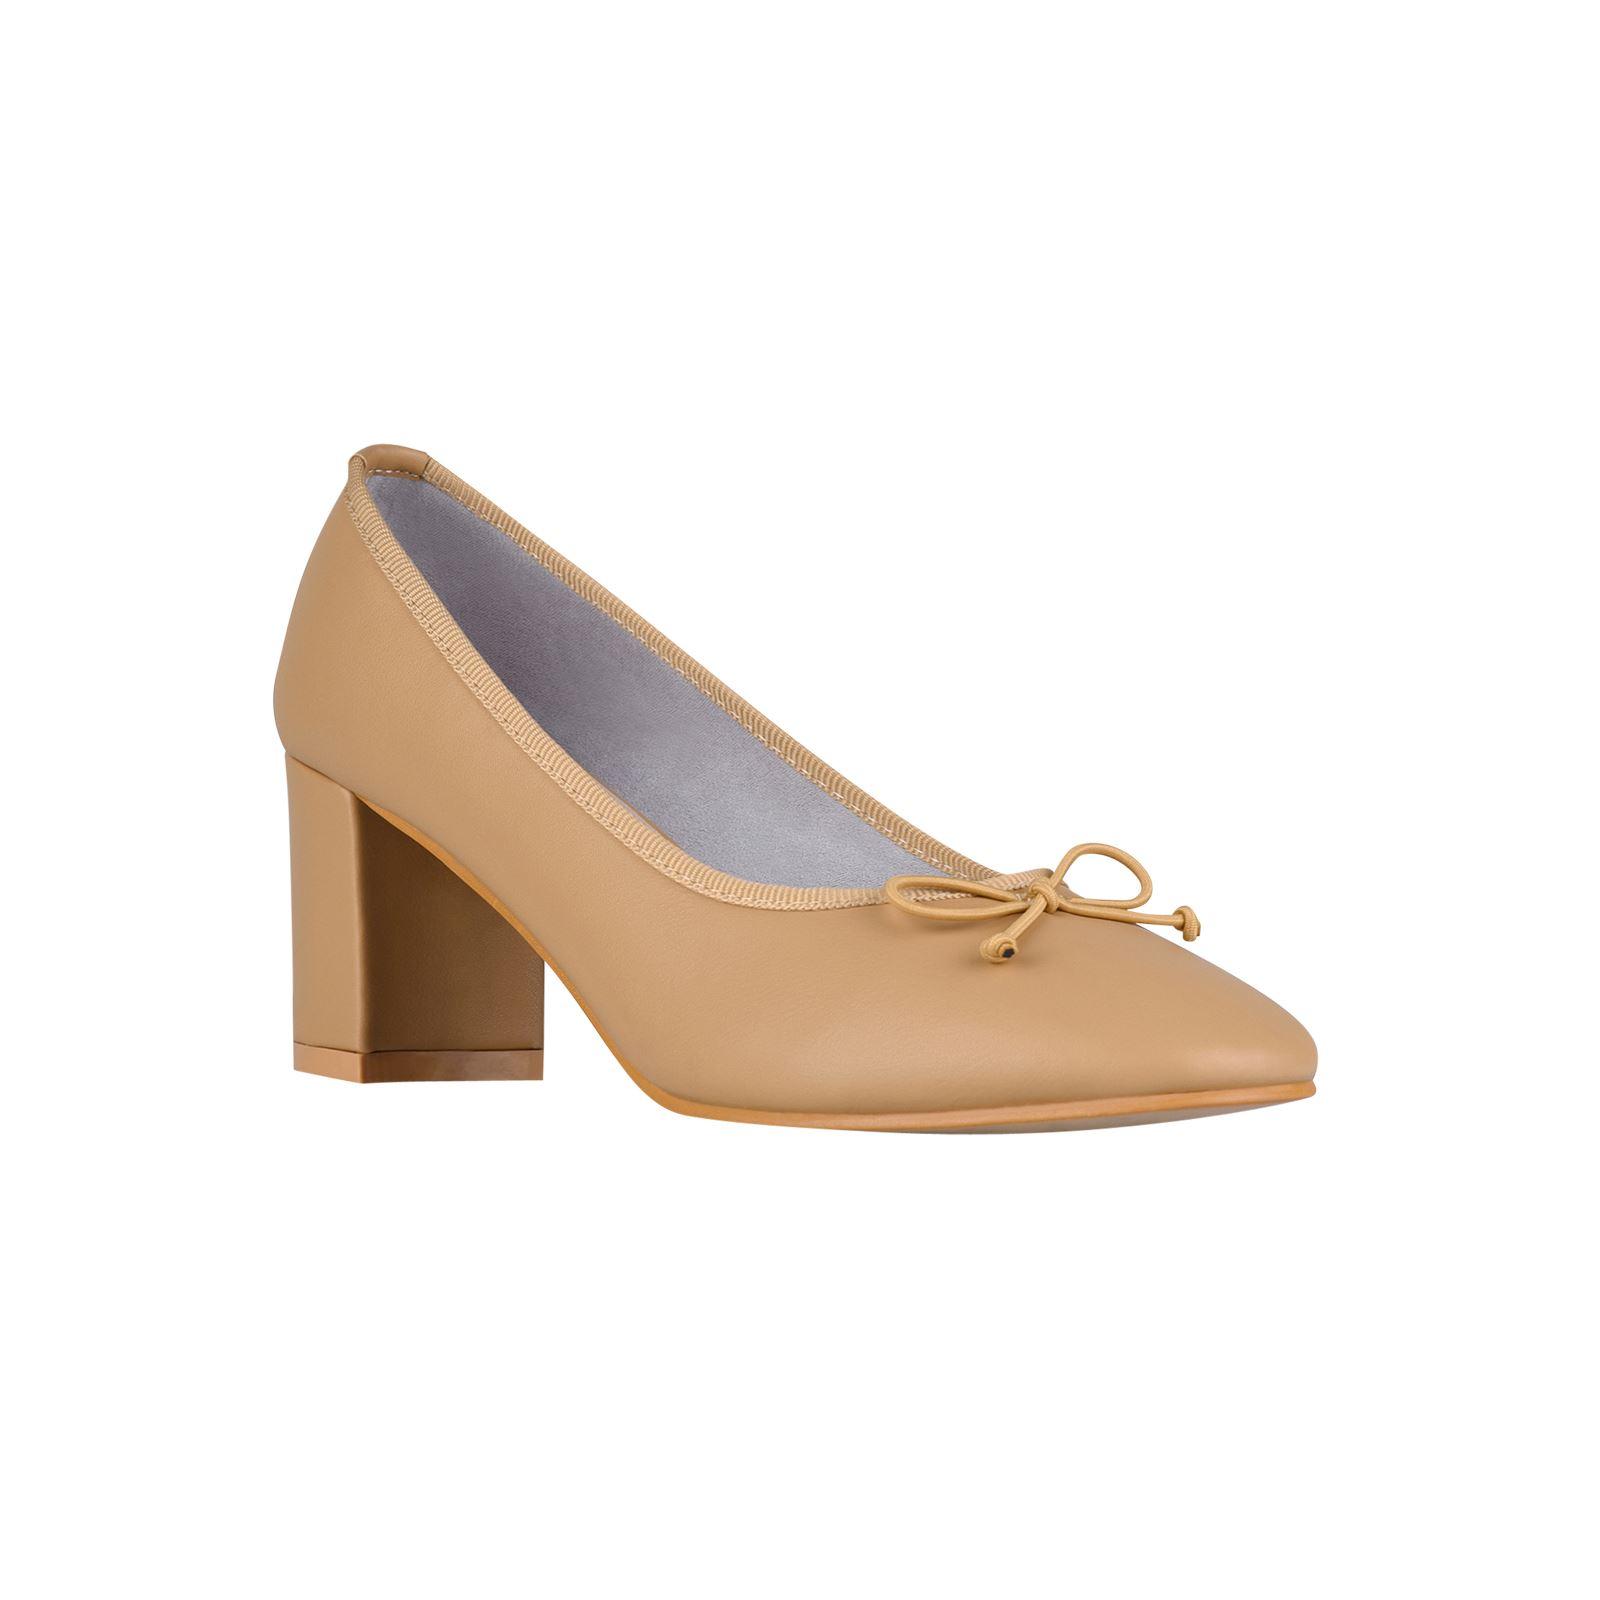 71ceef94058 Womens Low Mid Block Heel Courts Ladies Work Shoes Party Ballerina ...